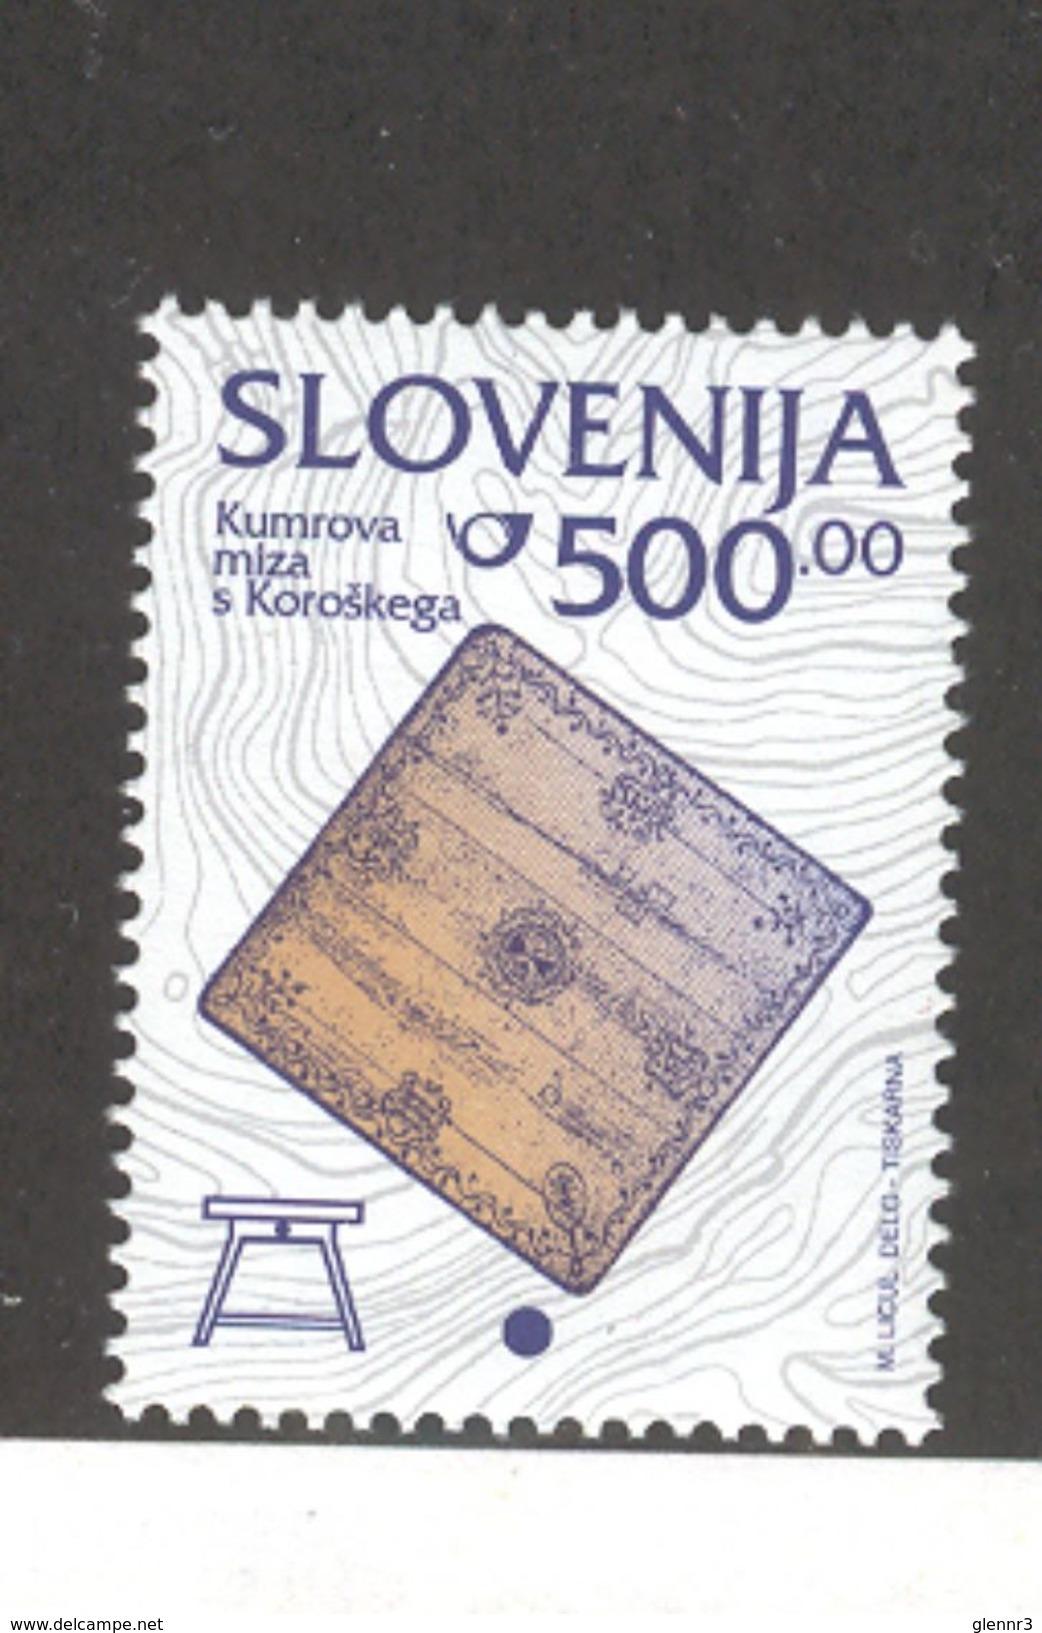 SLOVENIA 1998 Kumer Family's Table 500t Definitive, Scott Catalogue No. 220 MNH - Slovenia